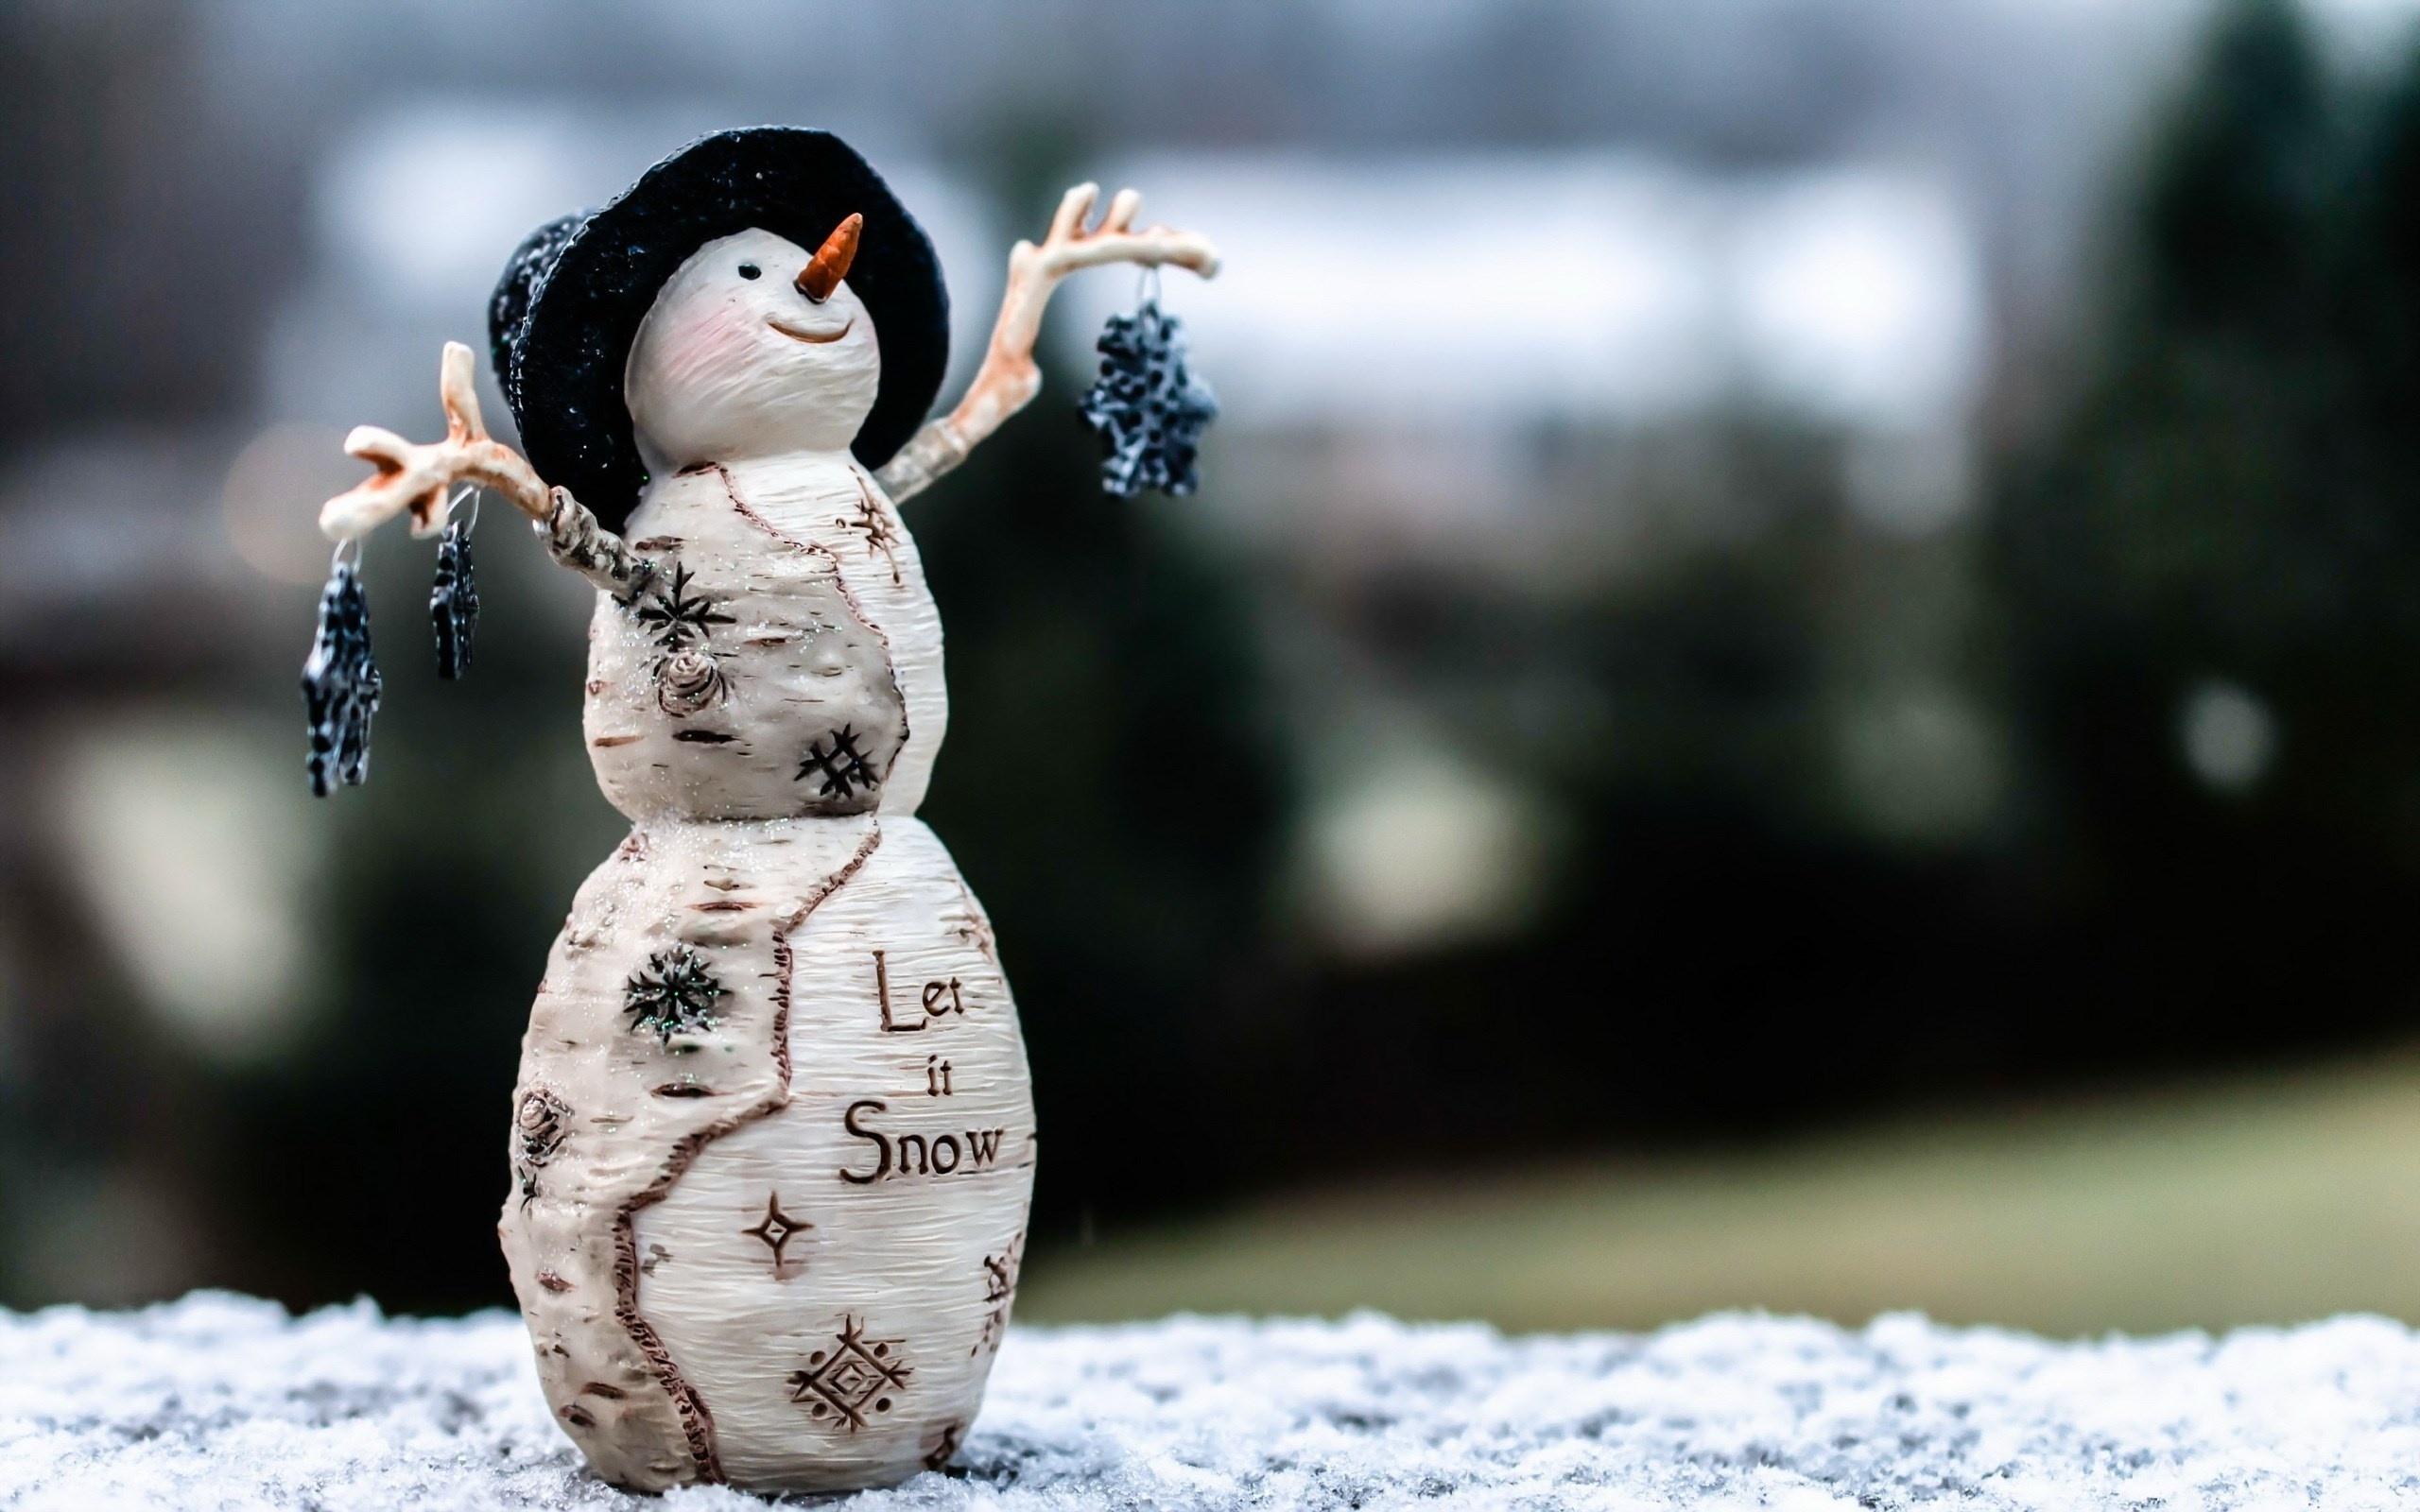 Картинка прикольная снеговик, поздравительные открытки